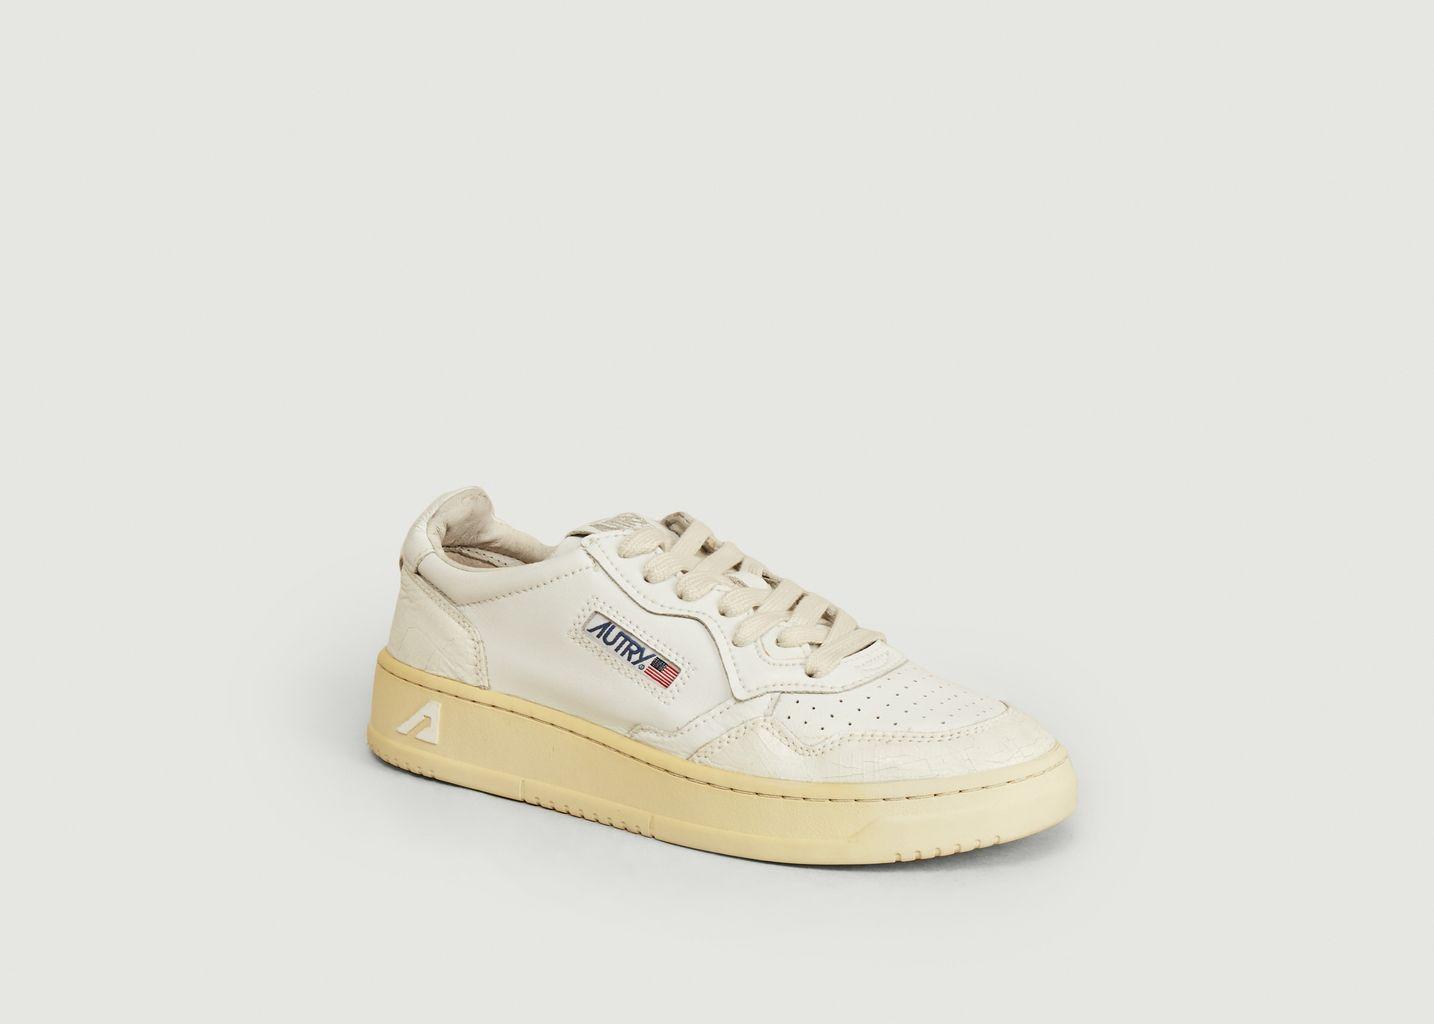 Sneakers en cuir craquelé Medalist - AUTRY